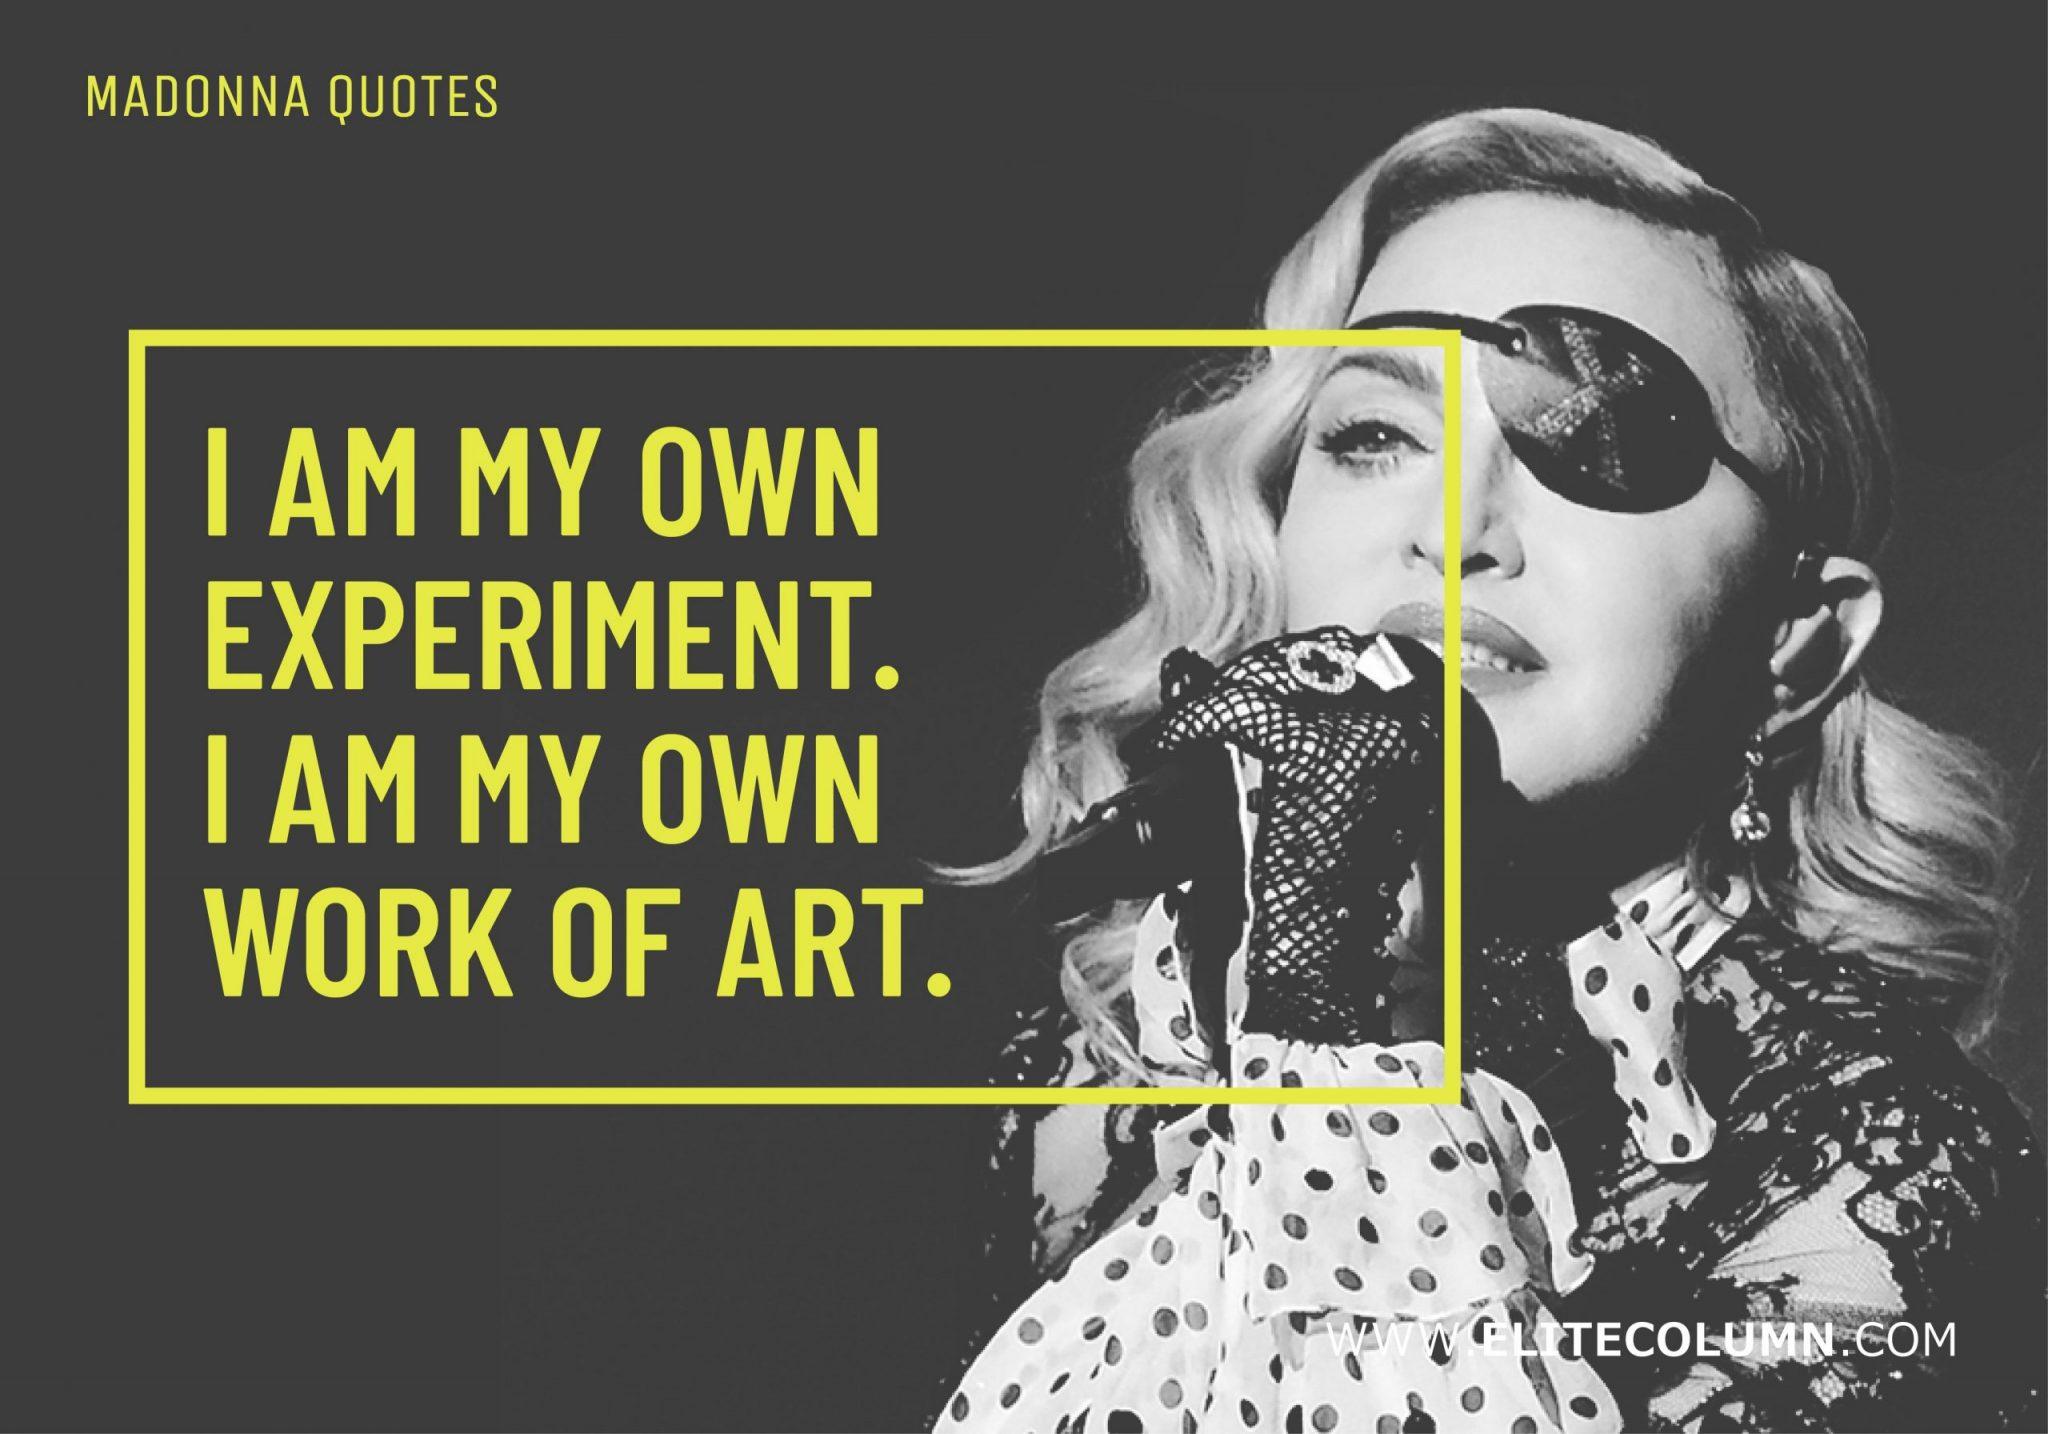 Madonna Quotes (5)